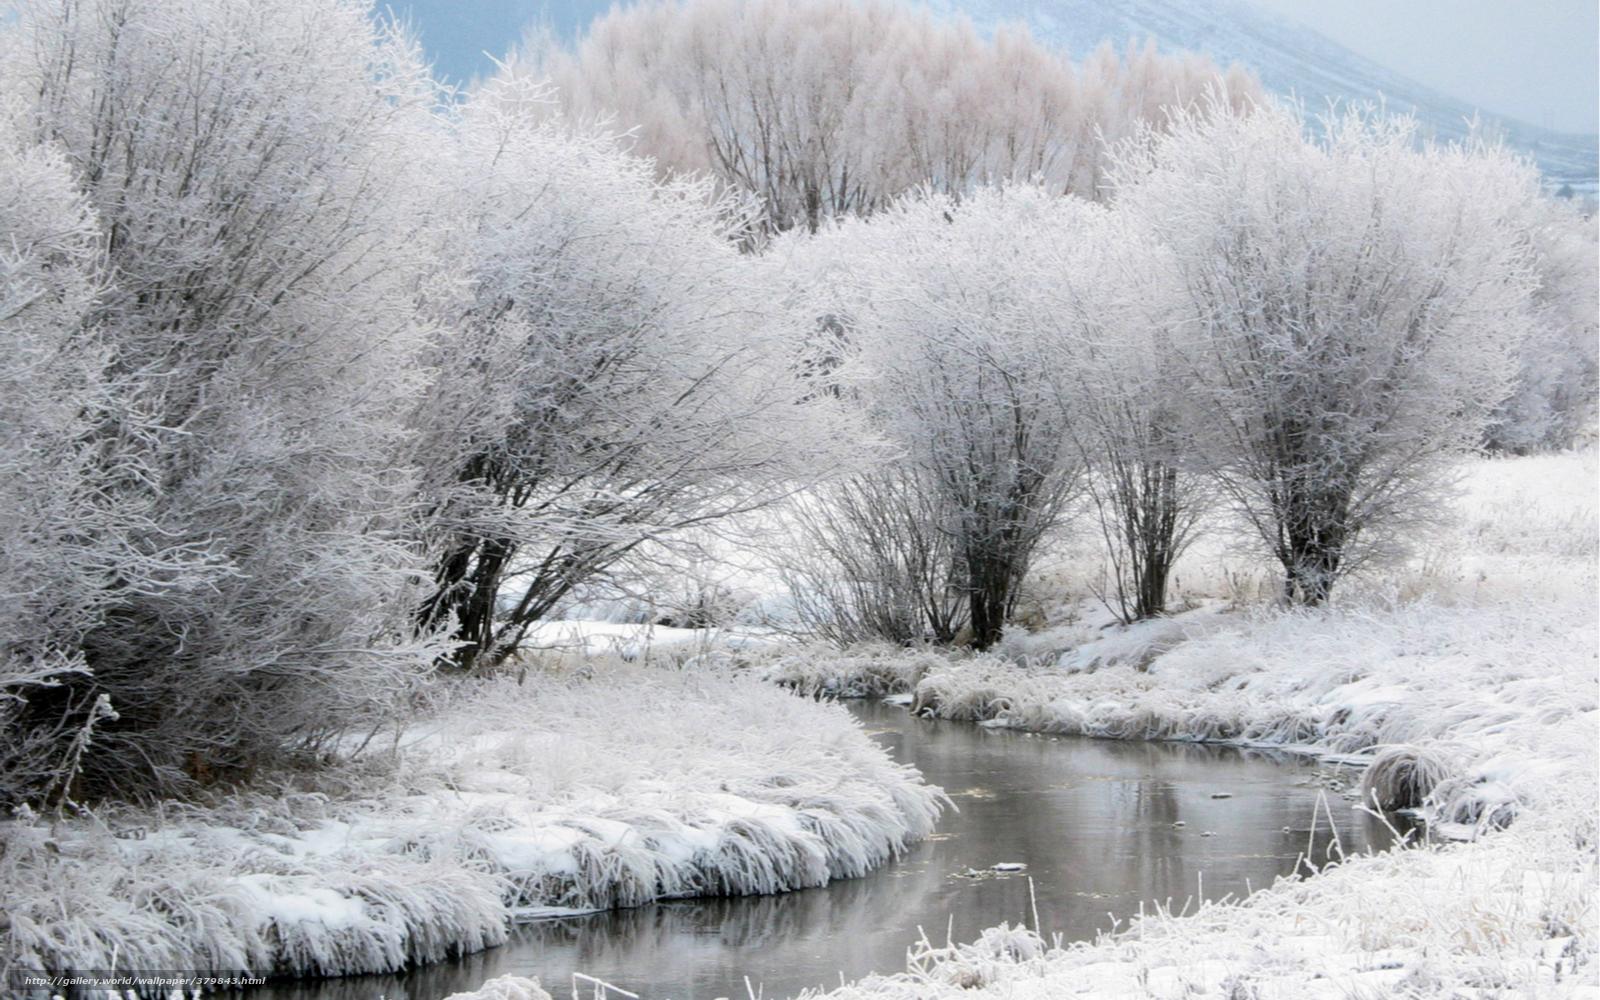 упругие тела может ли быть одновременно туман и снег идти стройке Вылизывая мокрые